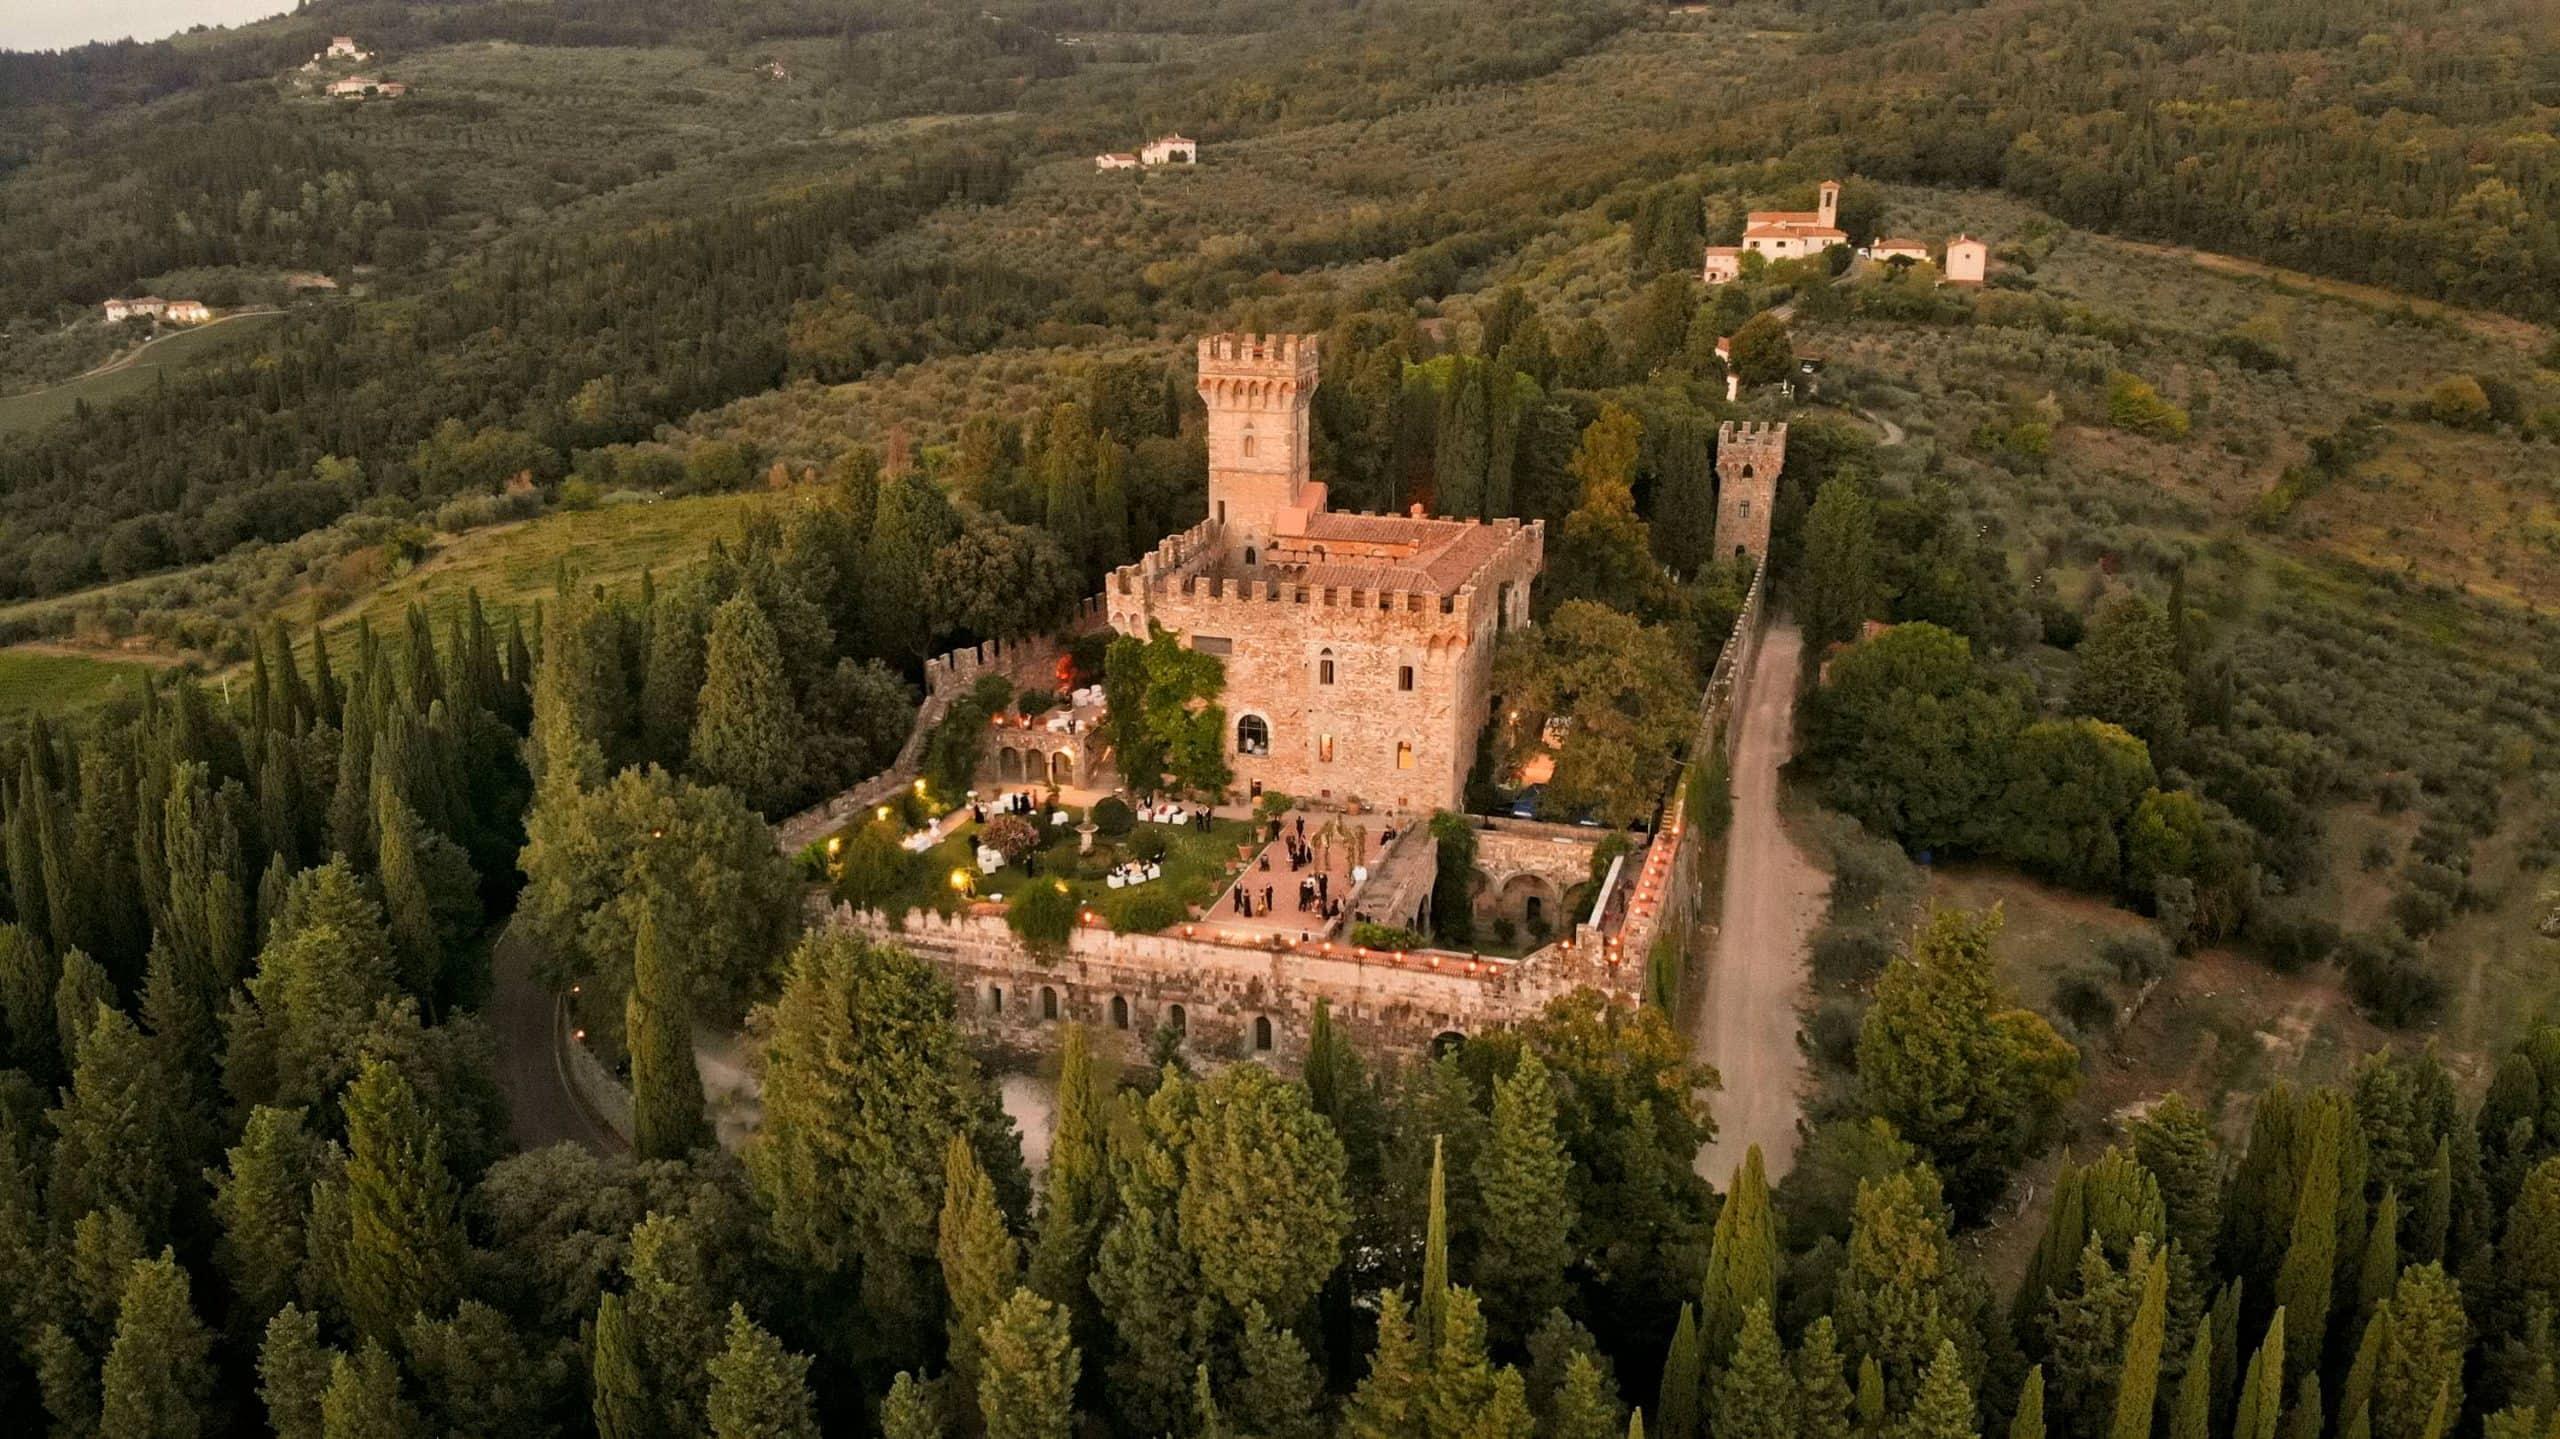 Vincigliata Castle in Florence